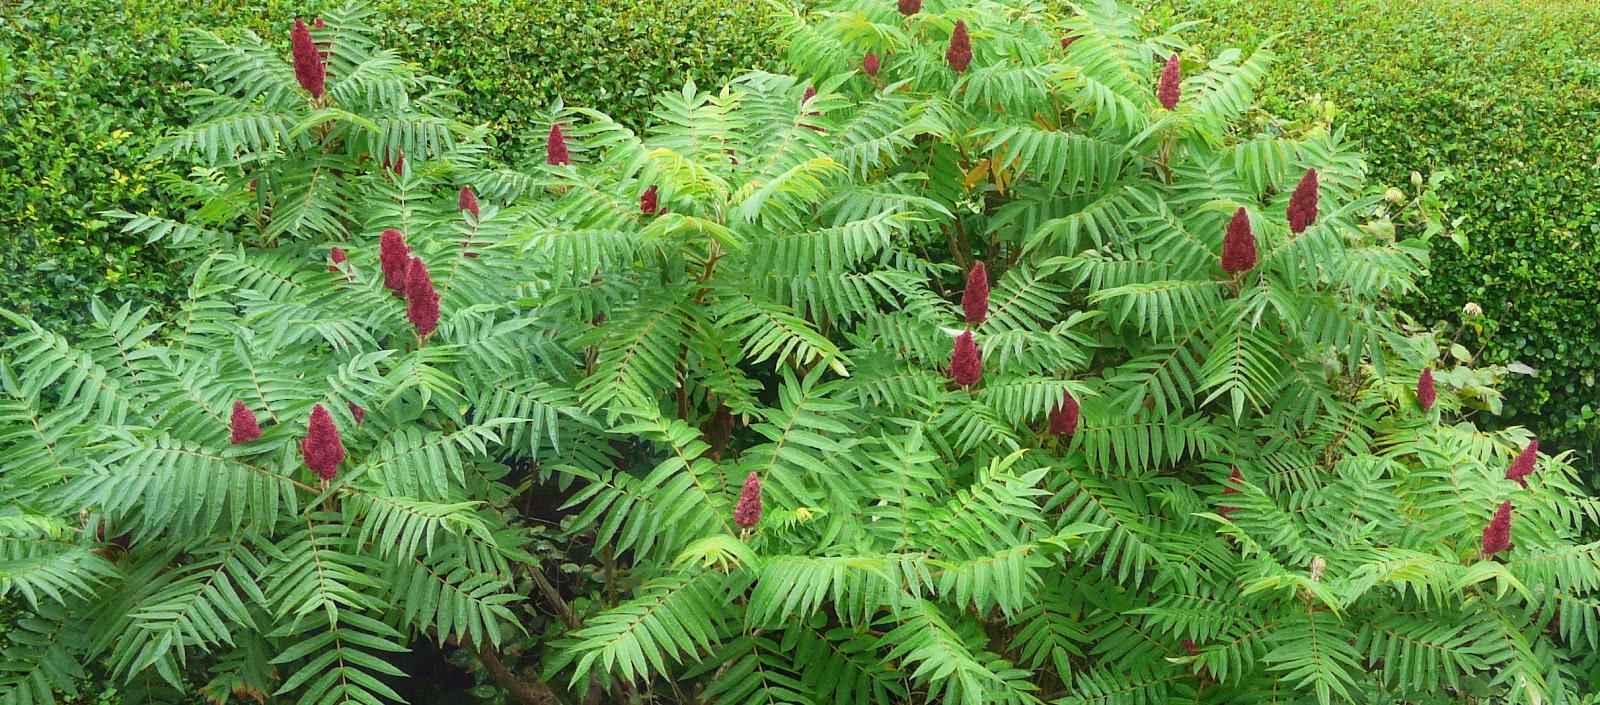 Уксусное дерево посадка и уход в открытом грунте - сад и огород